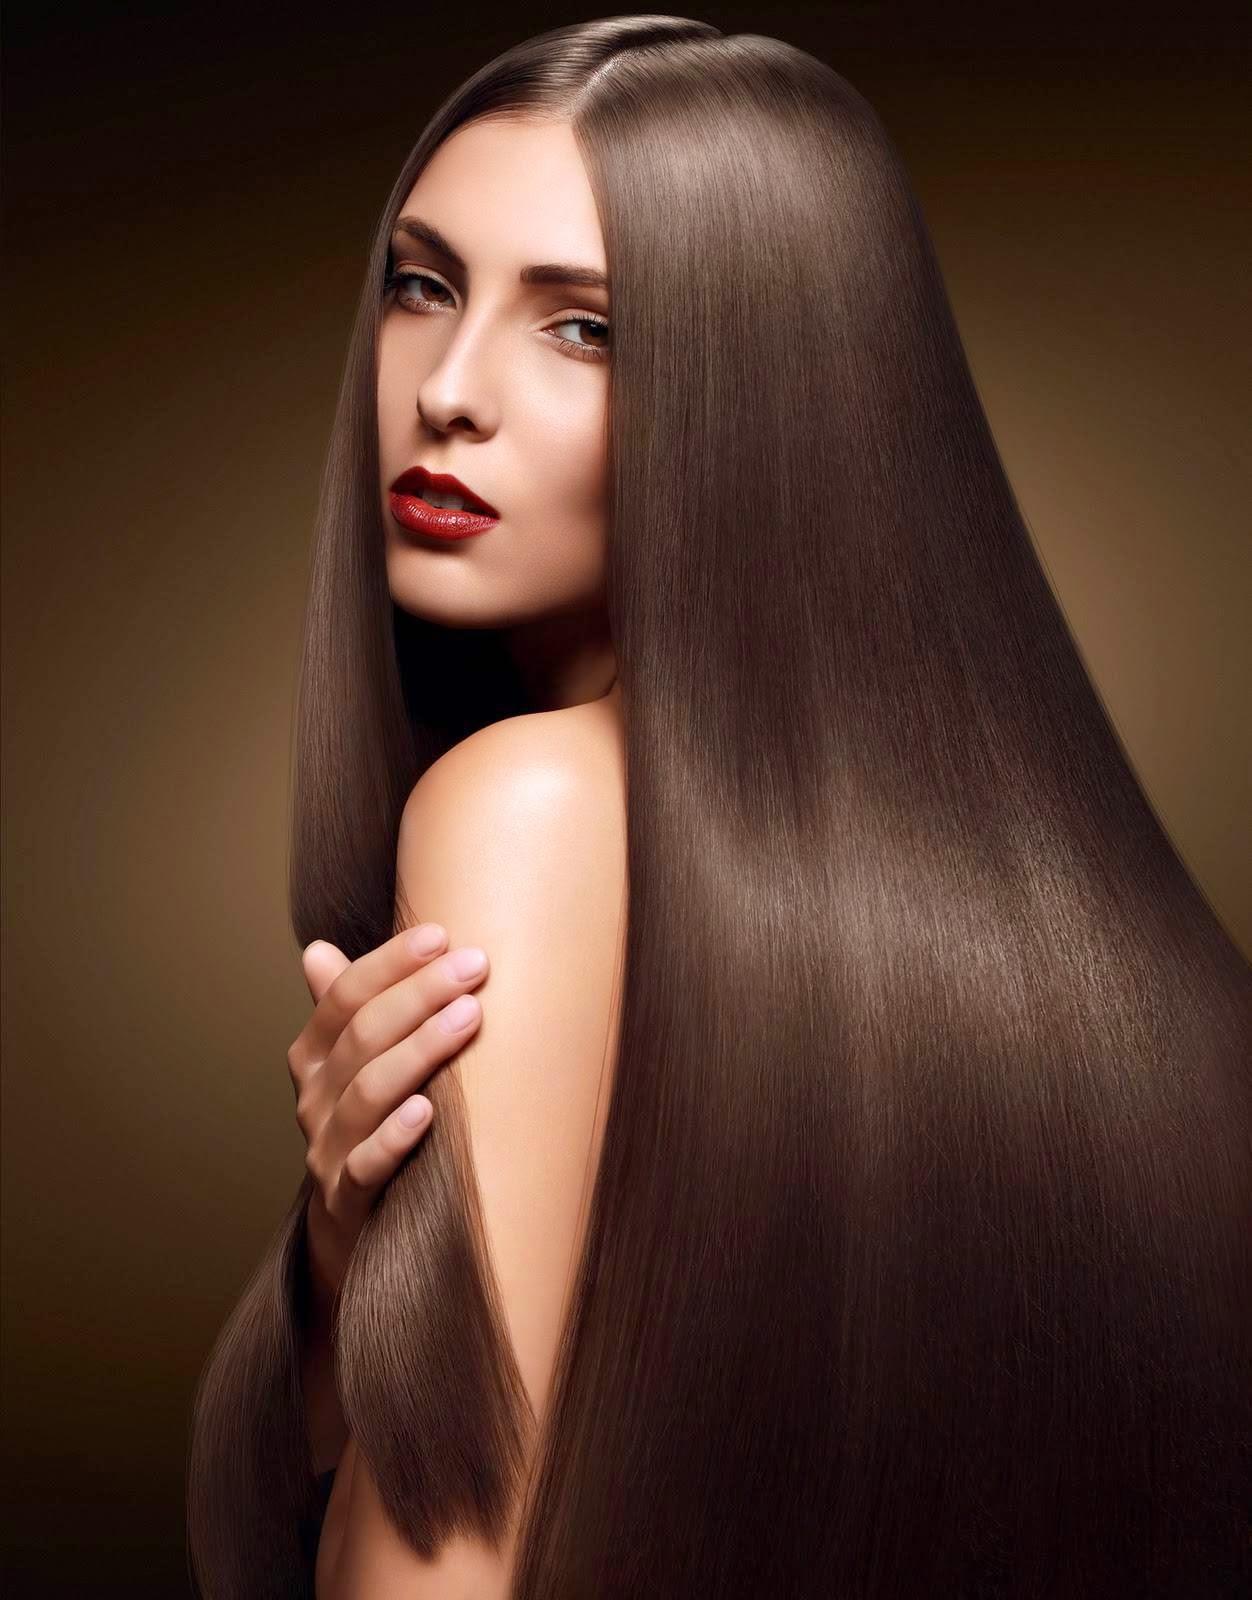 Foto Model Rambut Sehat Alami